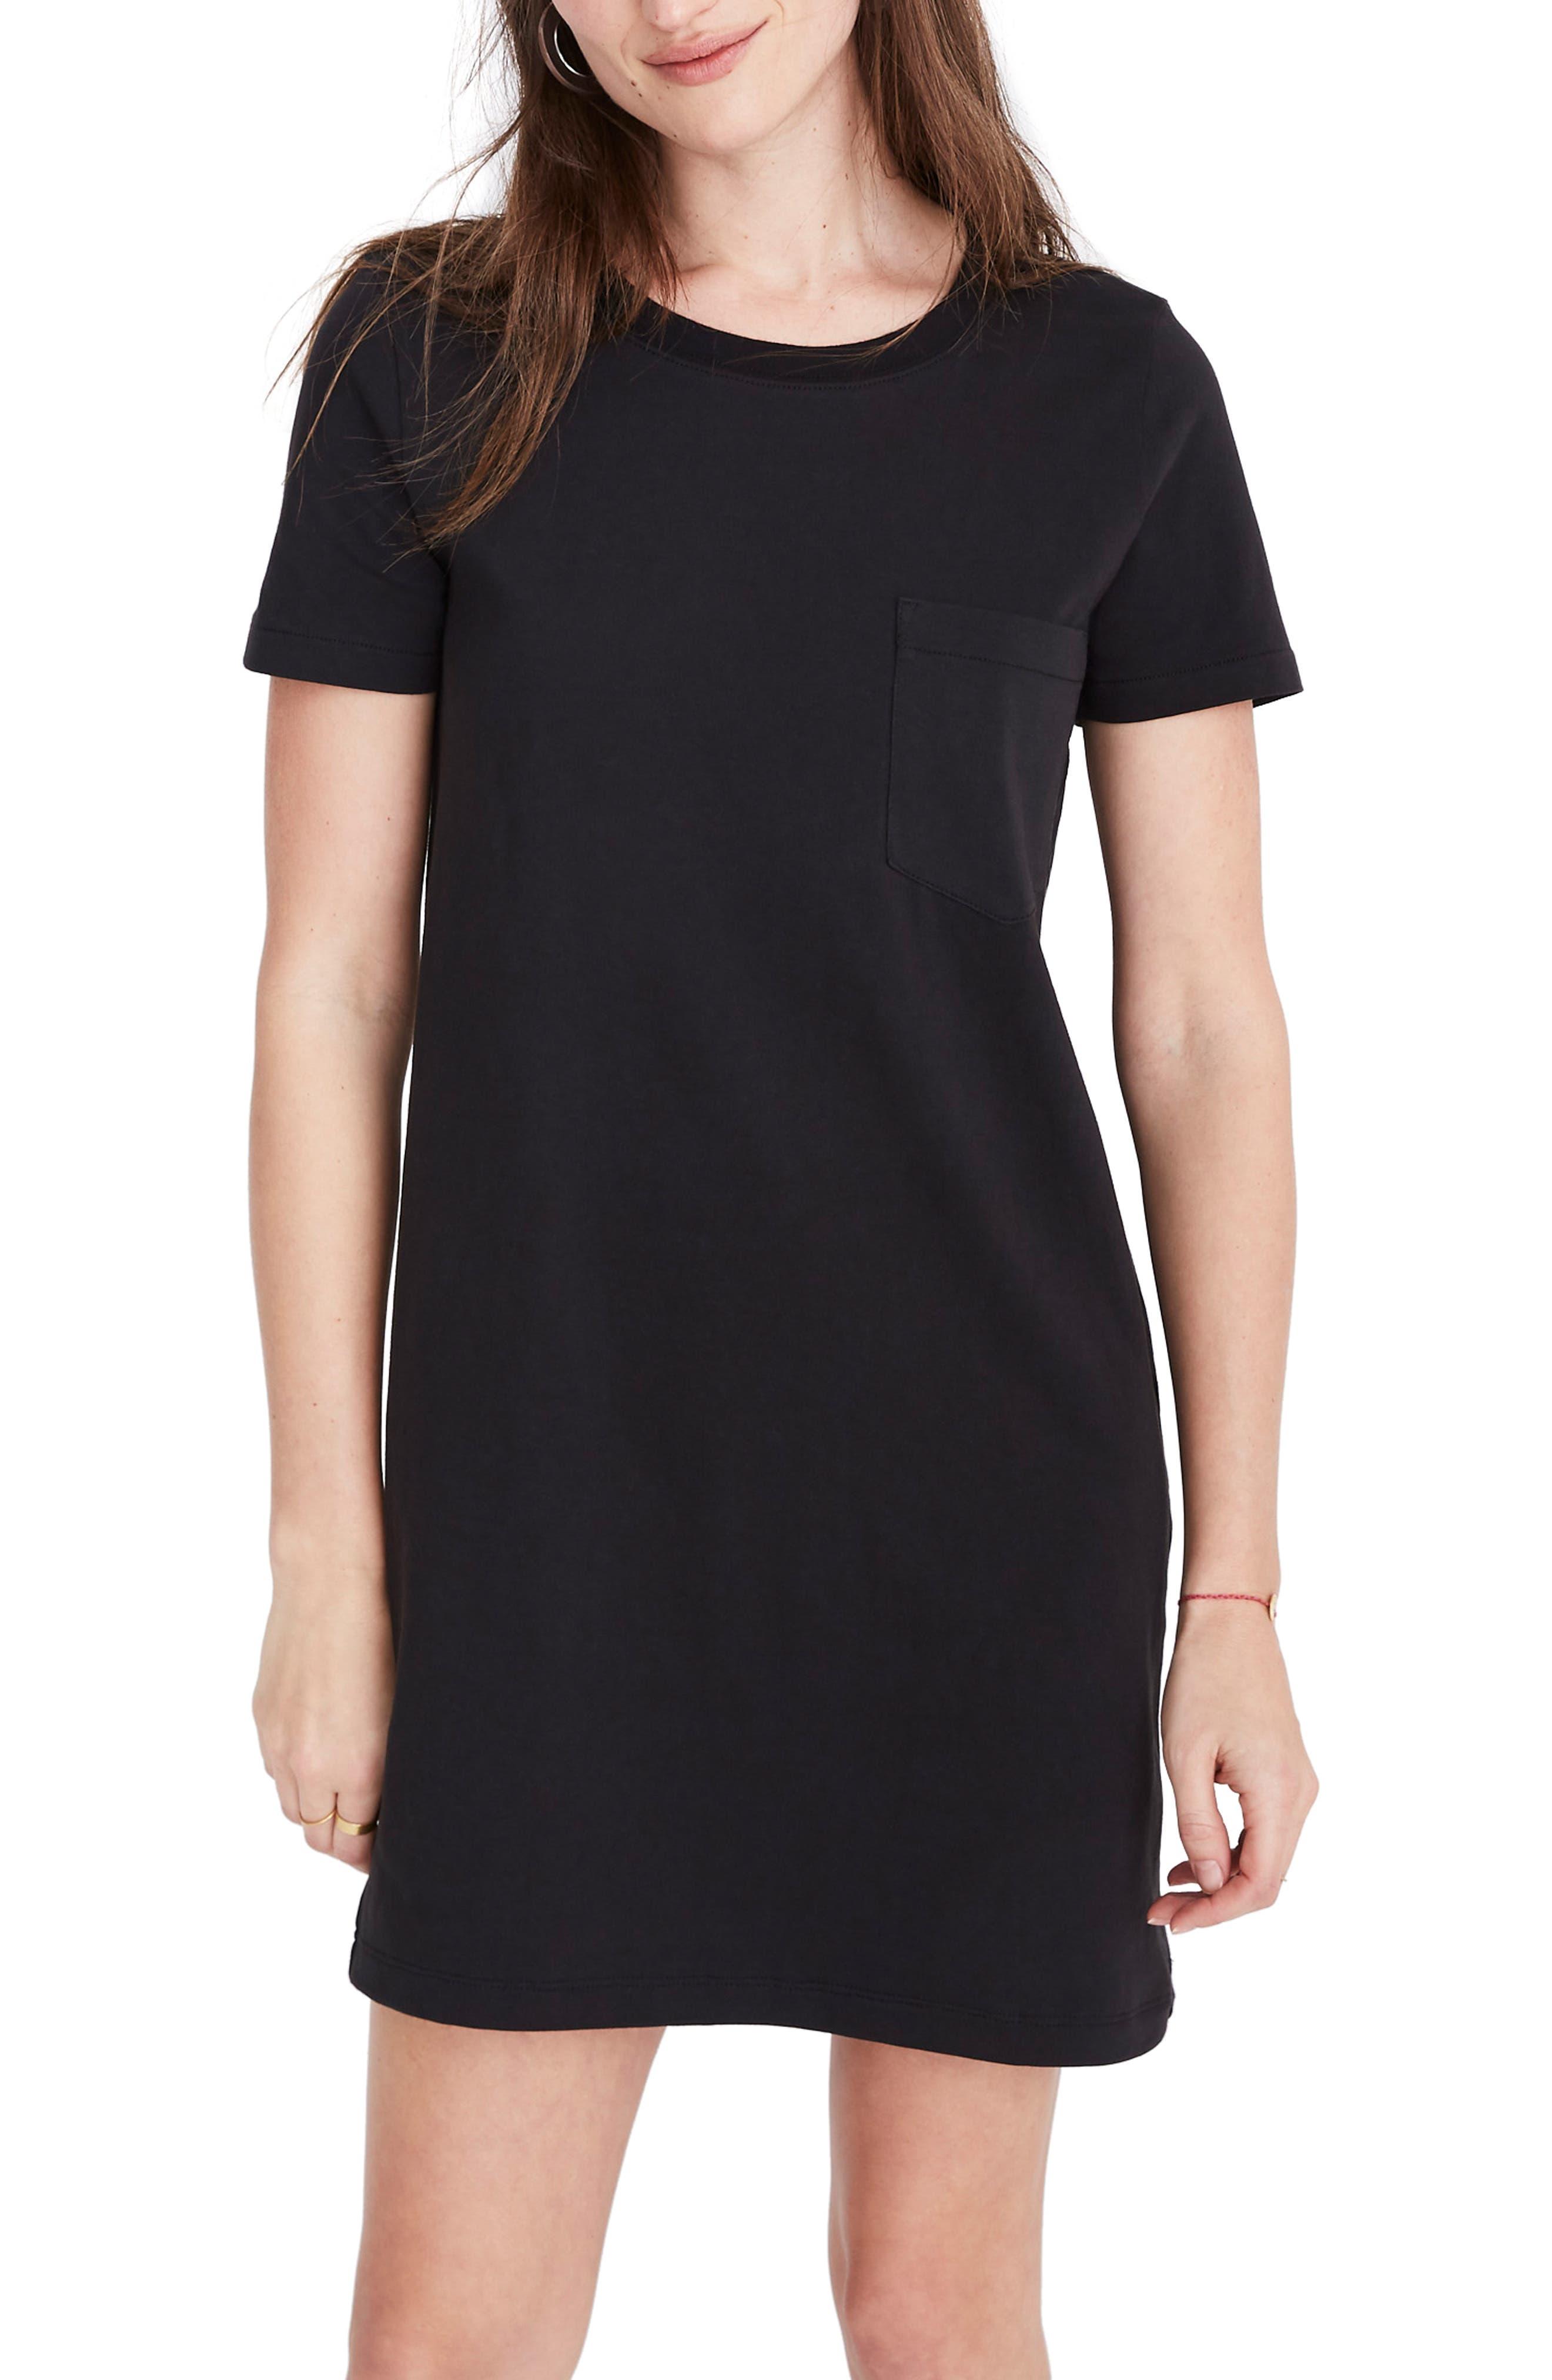 Madewell Tee Dress, Black